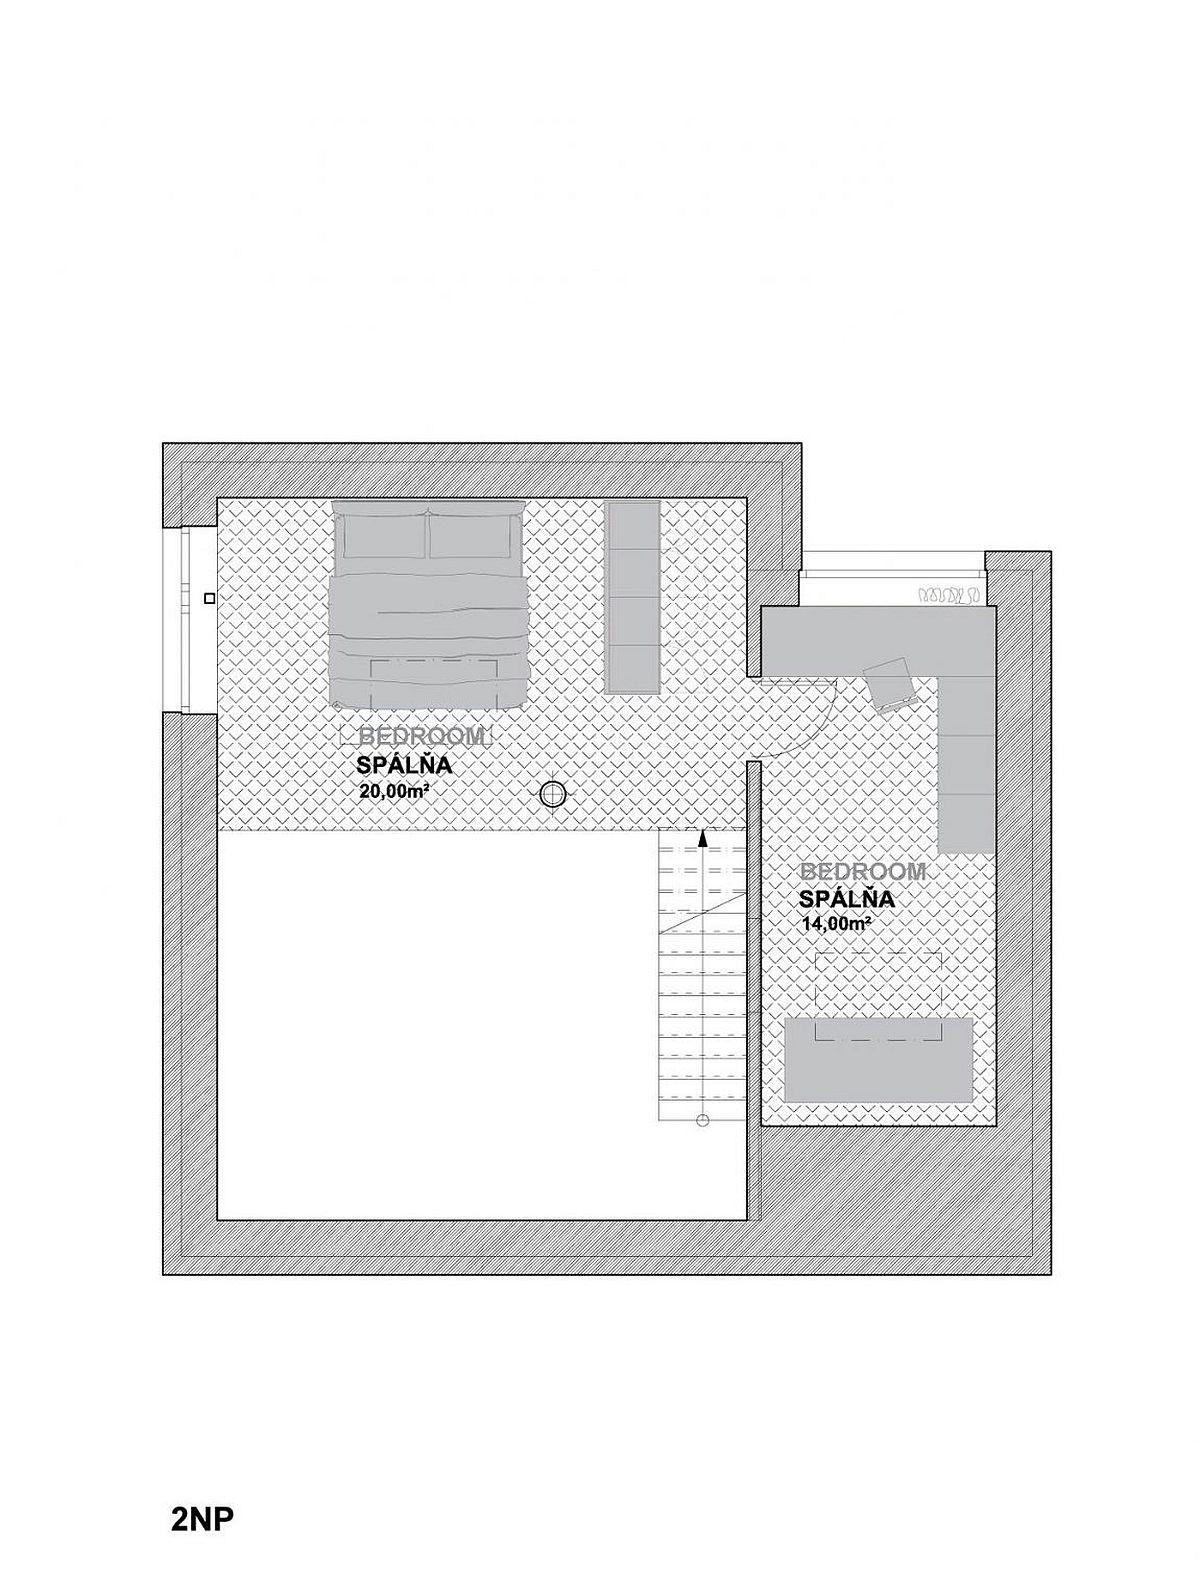 Mezzanine level floor plan with bedrooms